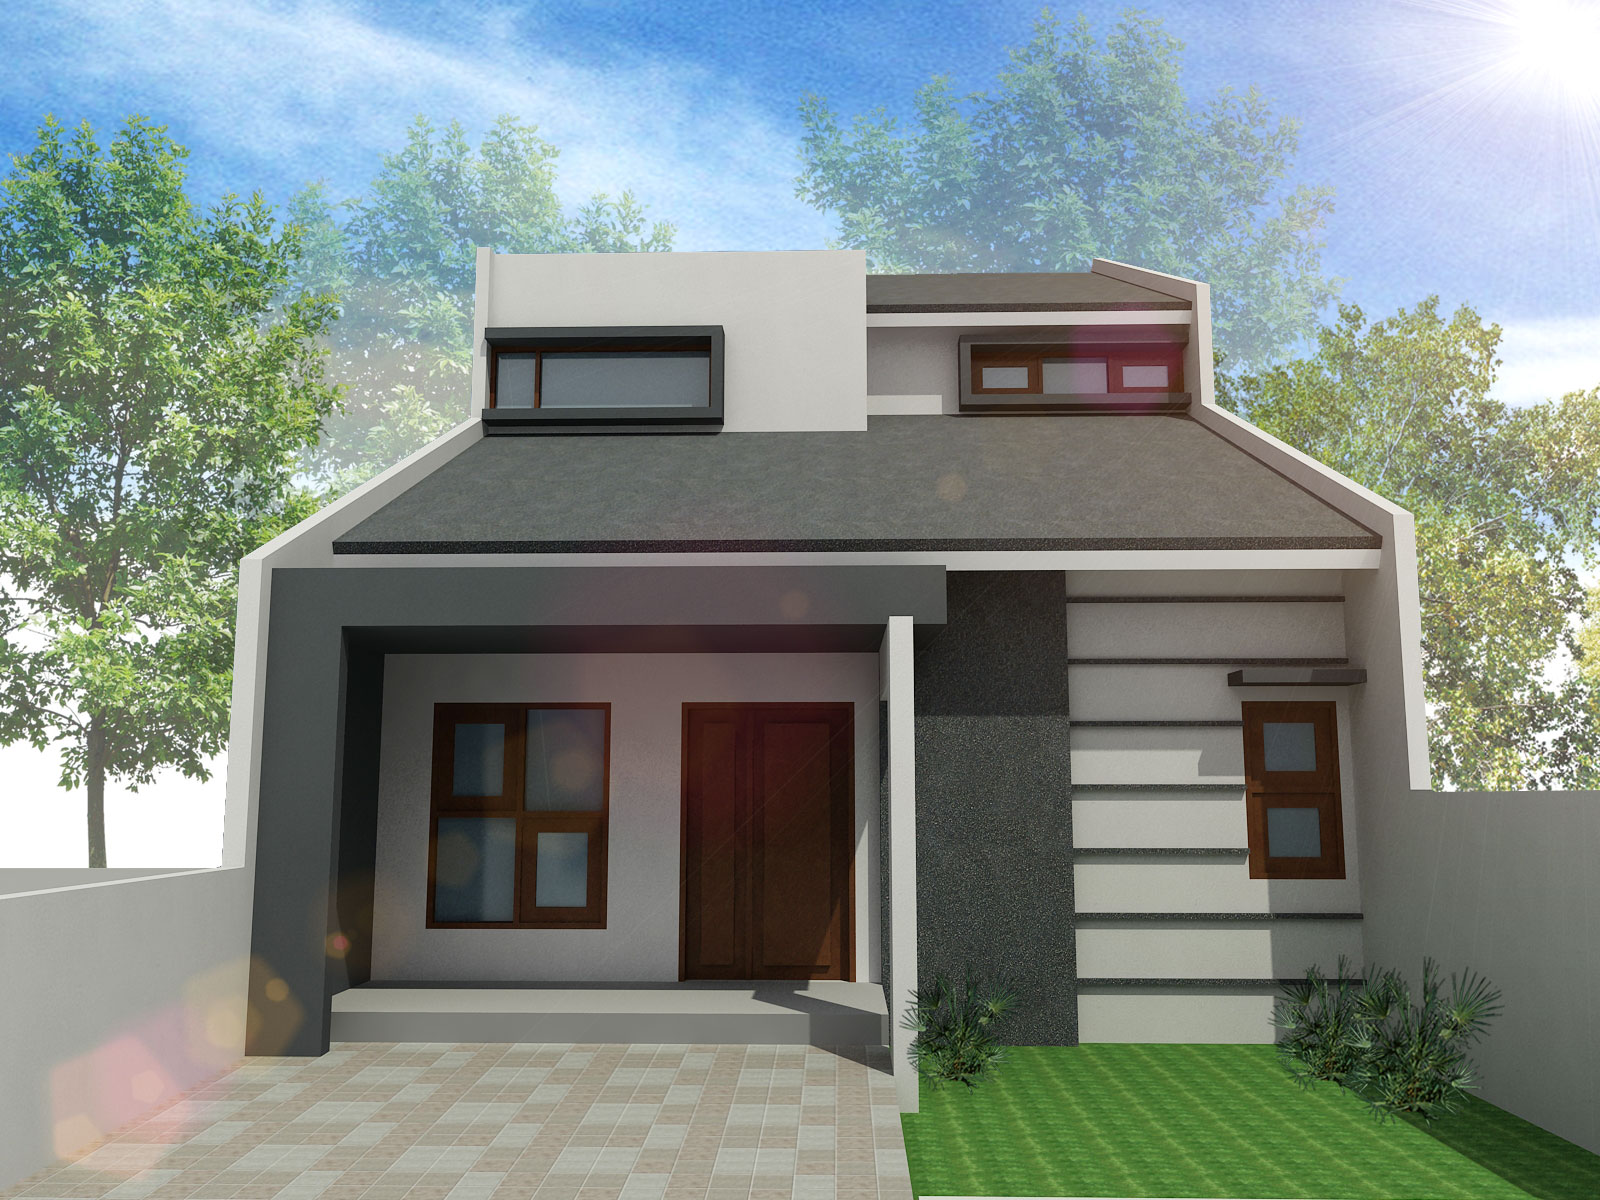 Desain Rumah Minimalis 1 Lantai Sederhana Musail 84